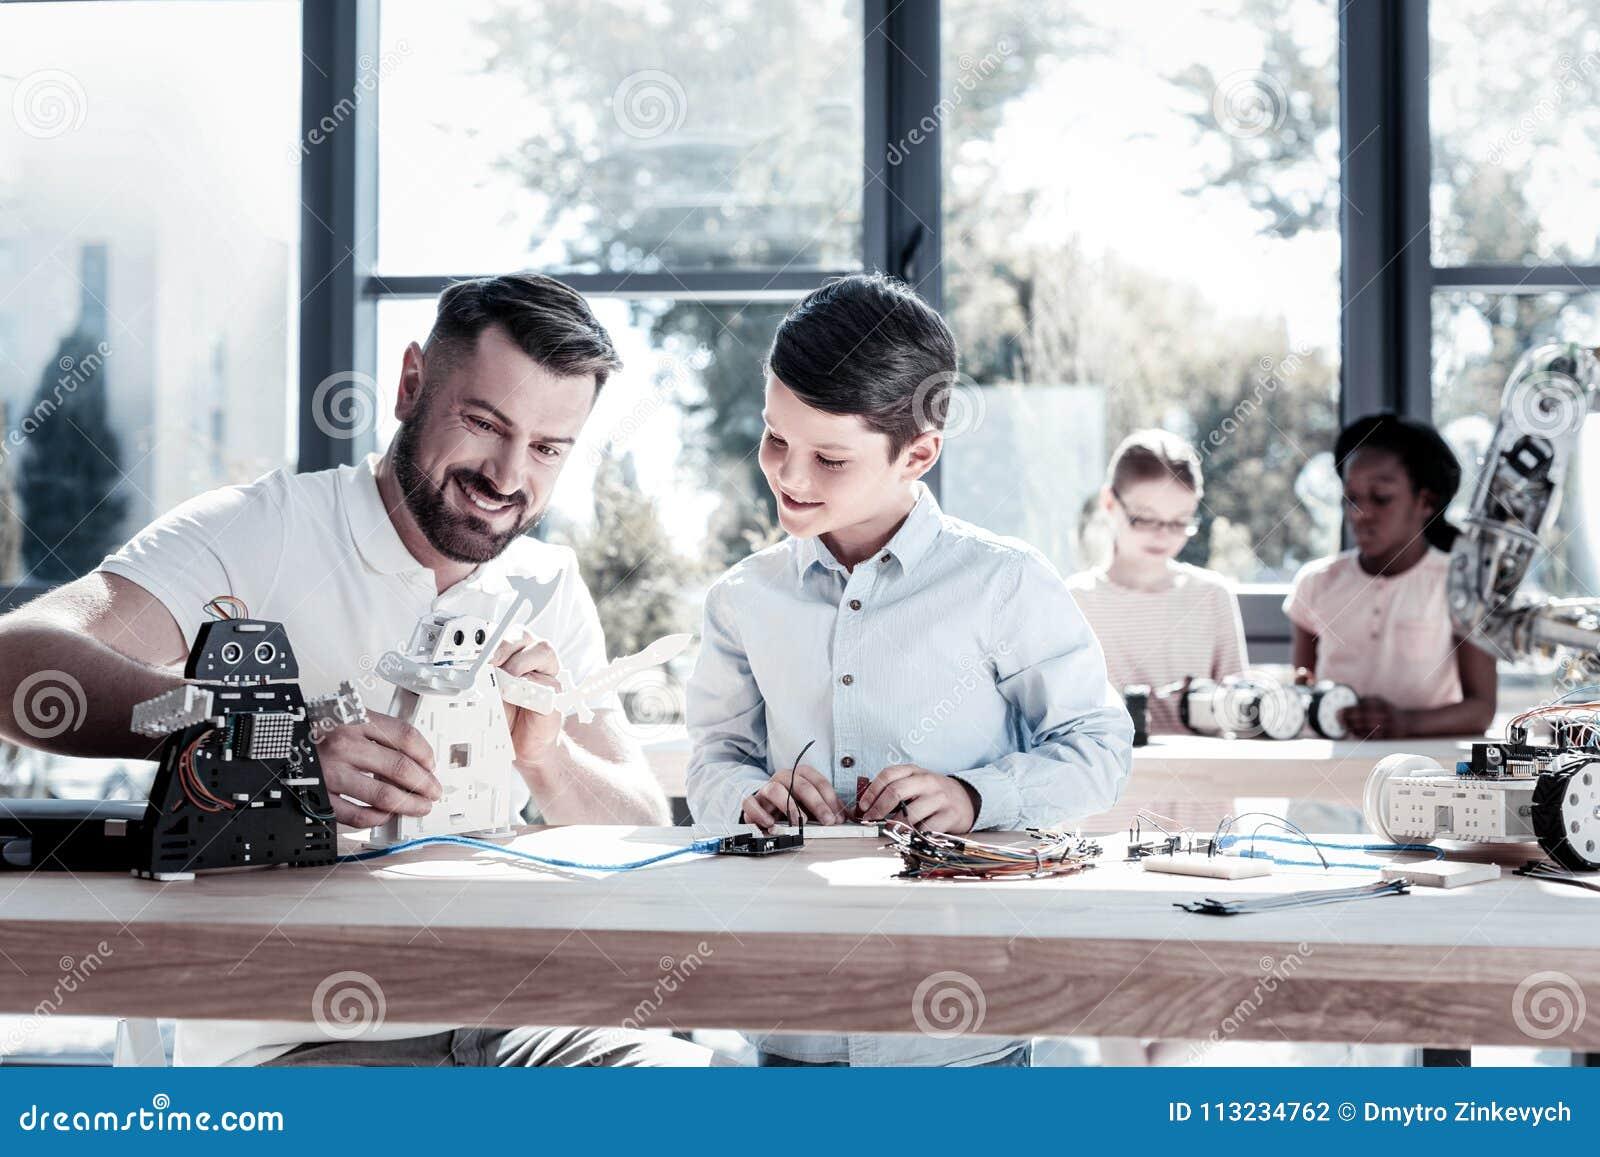 Blije leraar en student die terwijl het werken aan robotachtige machine glimlachen